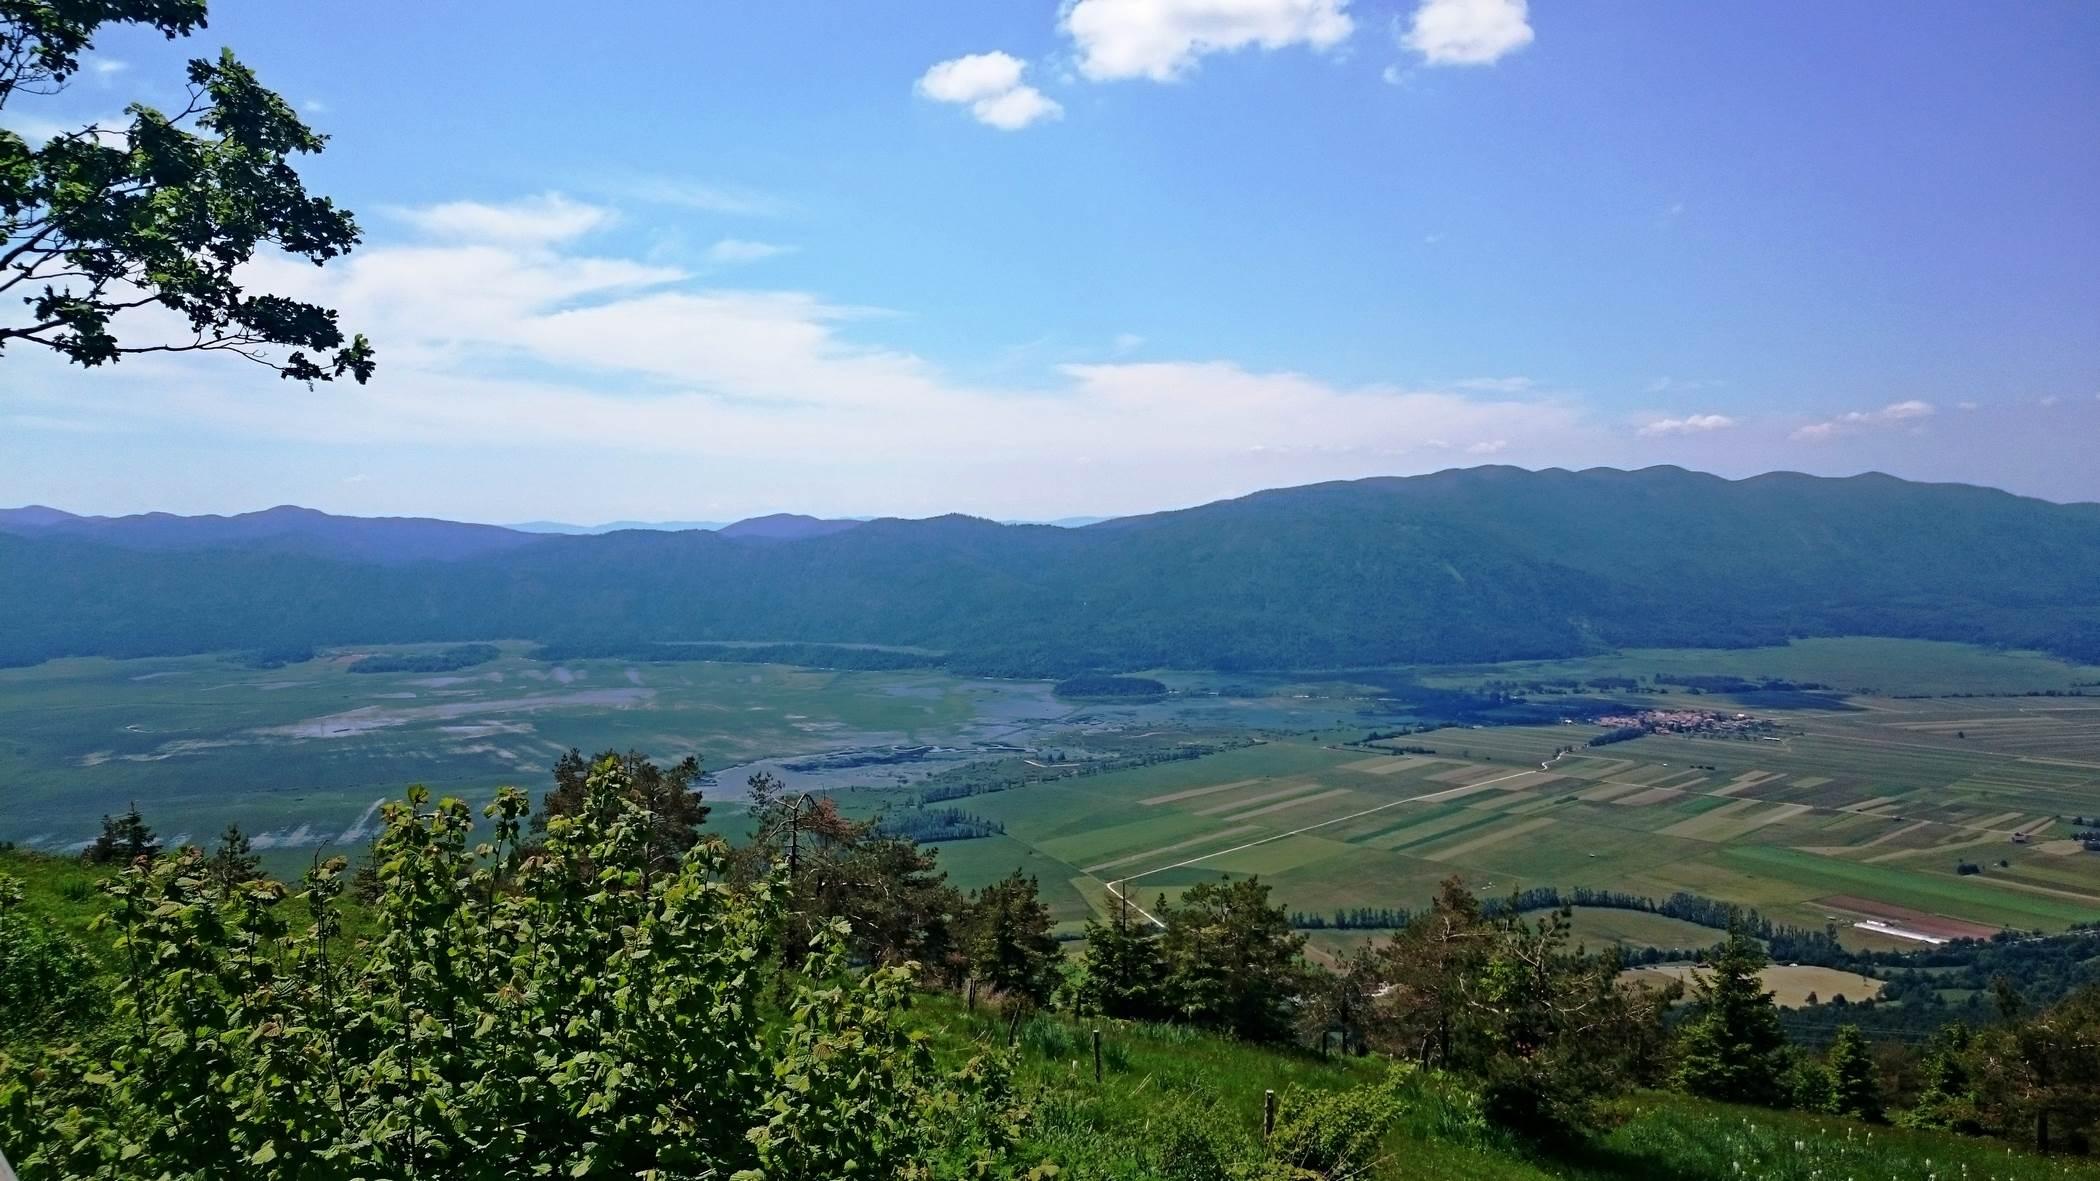 Jezioro latem, bardzo niski stan wody słowenia